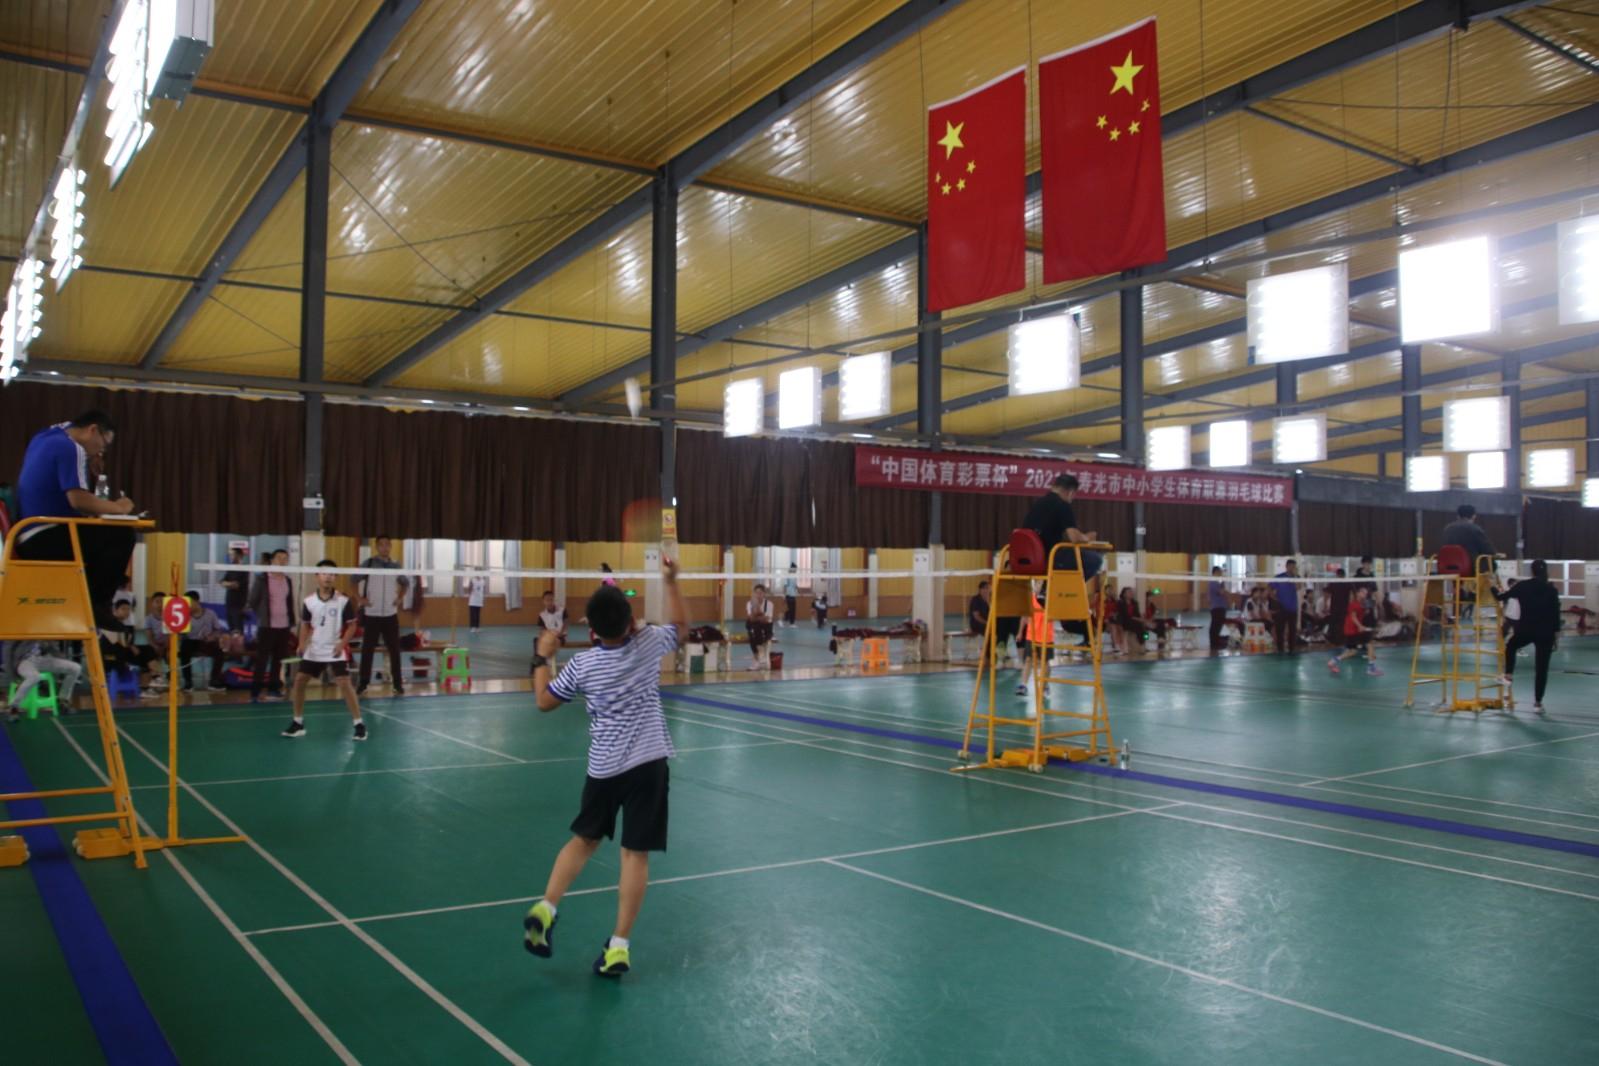 2021年度寿光市中小学生体育联赛羽毛球、乒乓球比赛成功举办